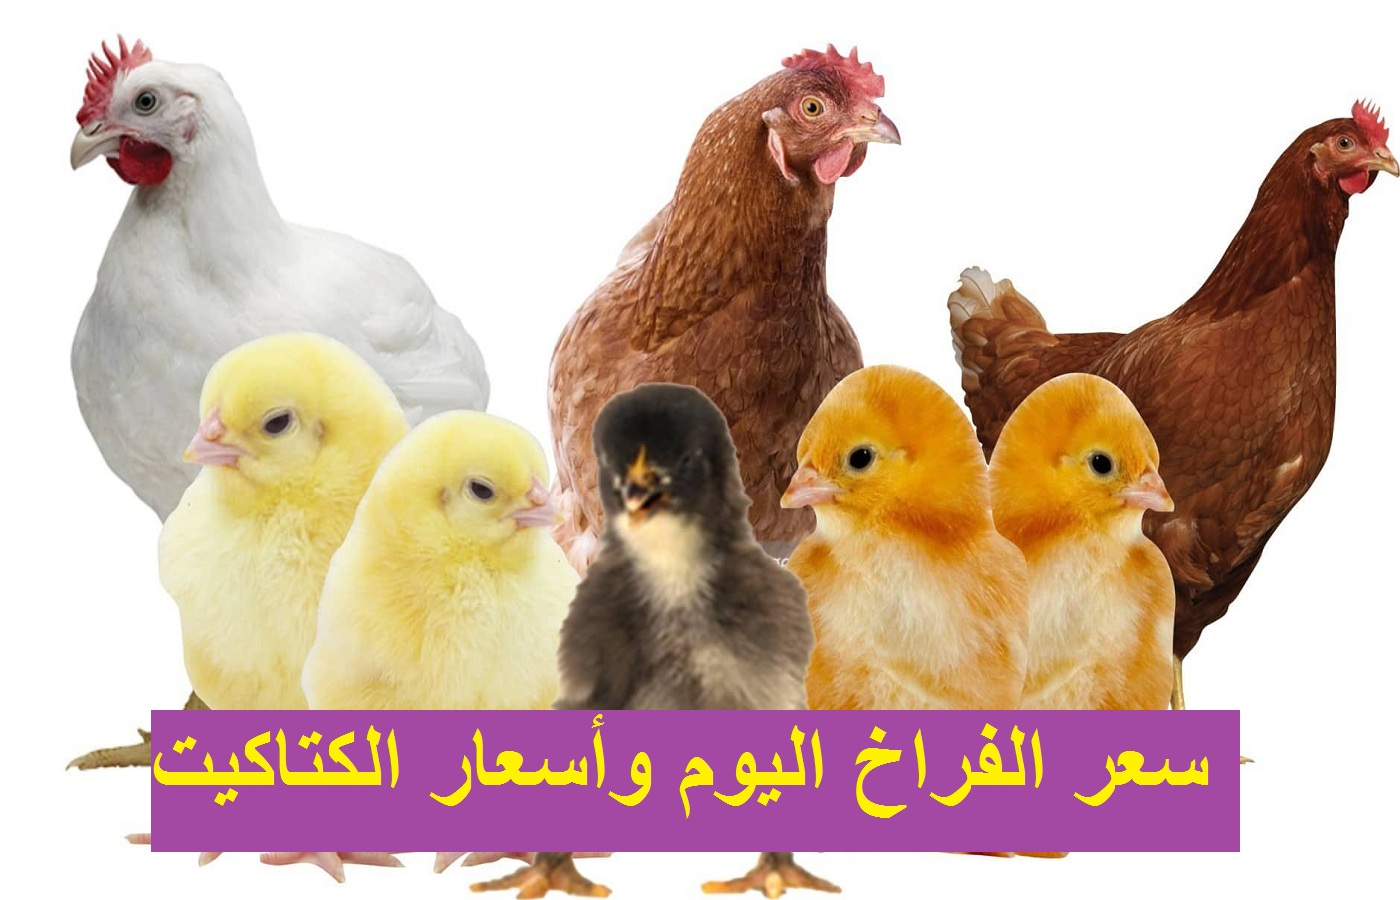 سعر الفراخ البيضاء اليوم السبت 23 أكتوبر وأسعار الفراخ الساسو والكتكوت الأبيض 11